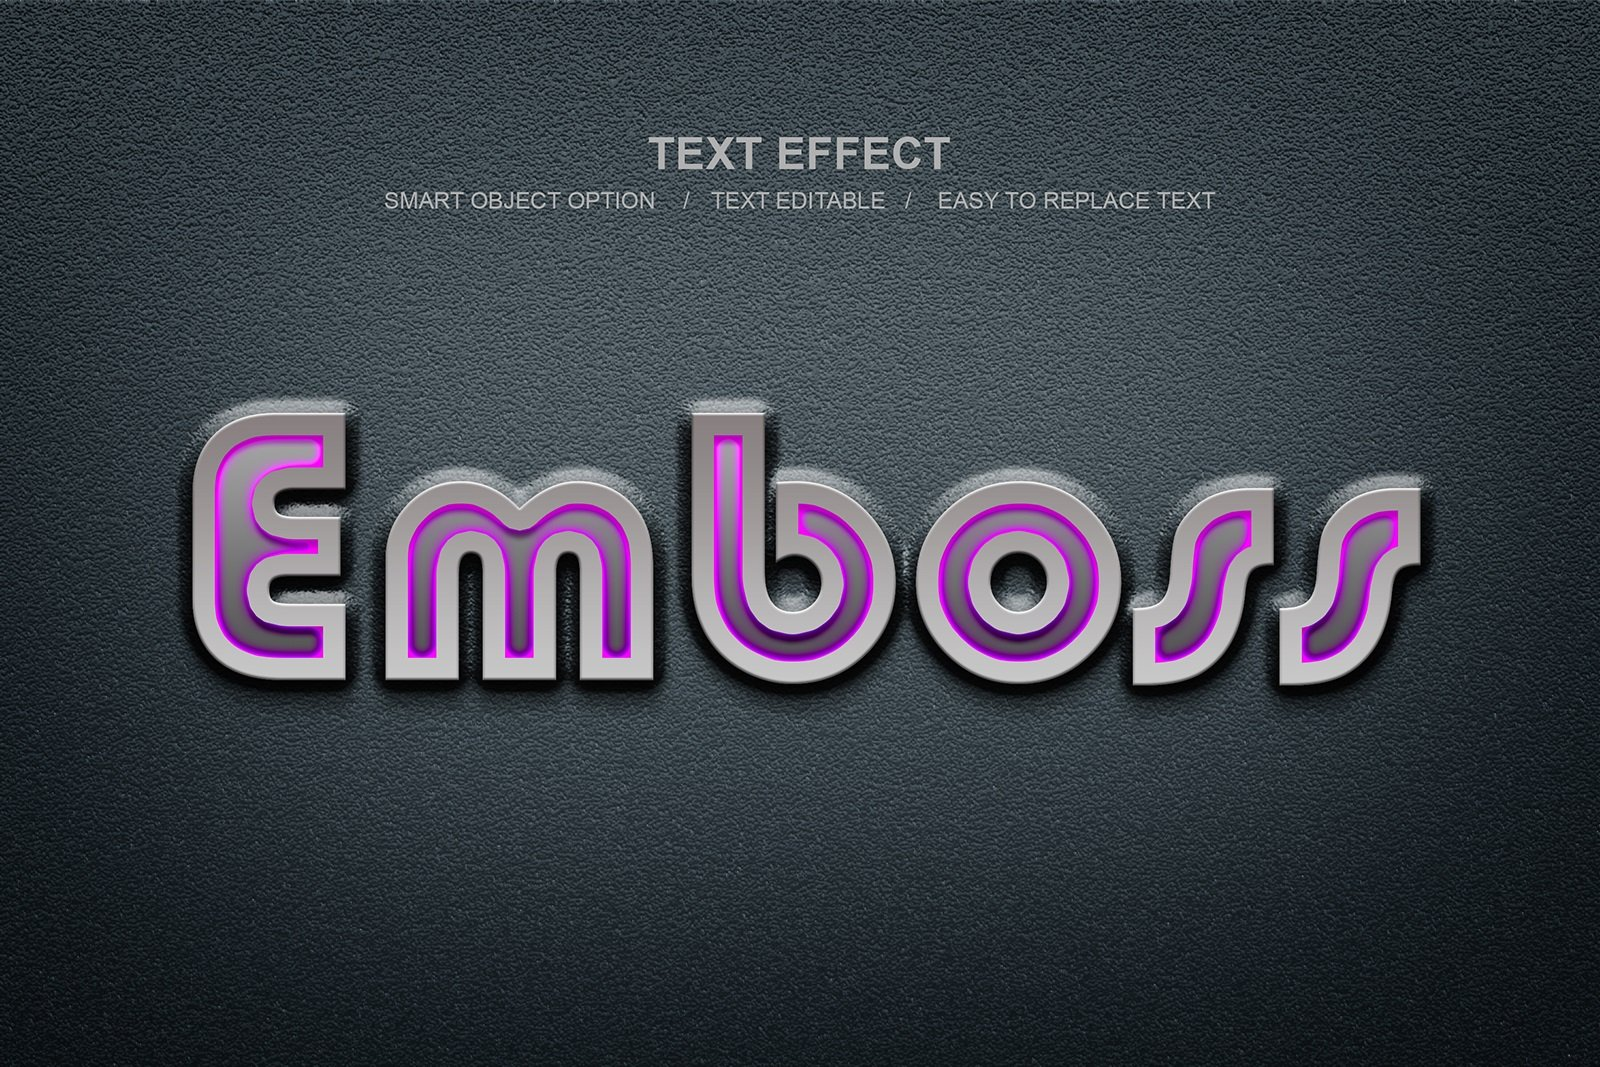 30款故障金属3D立体标题字体设计PS样式模板素材 Photoshop Layer Style Bundle插图(3)